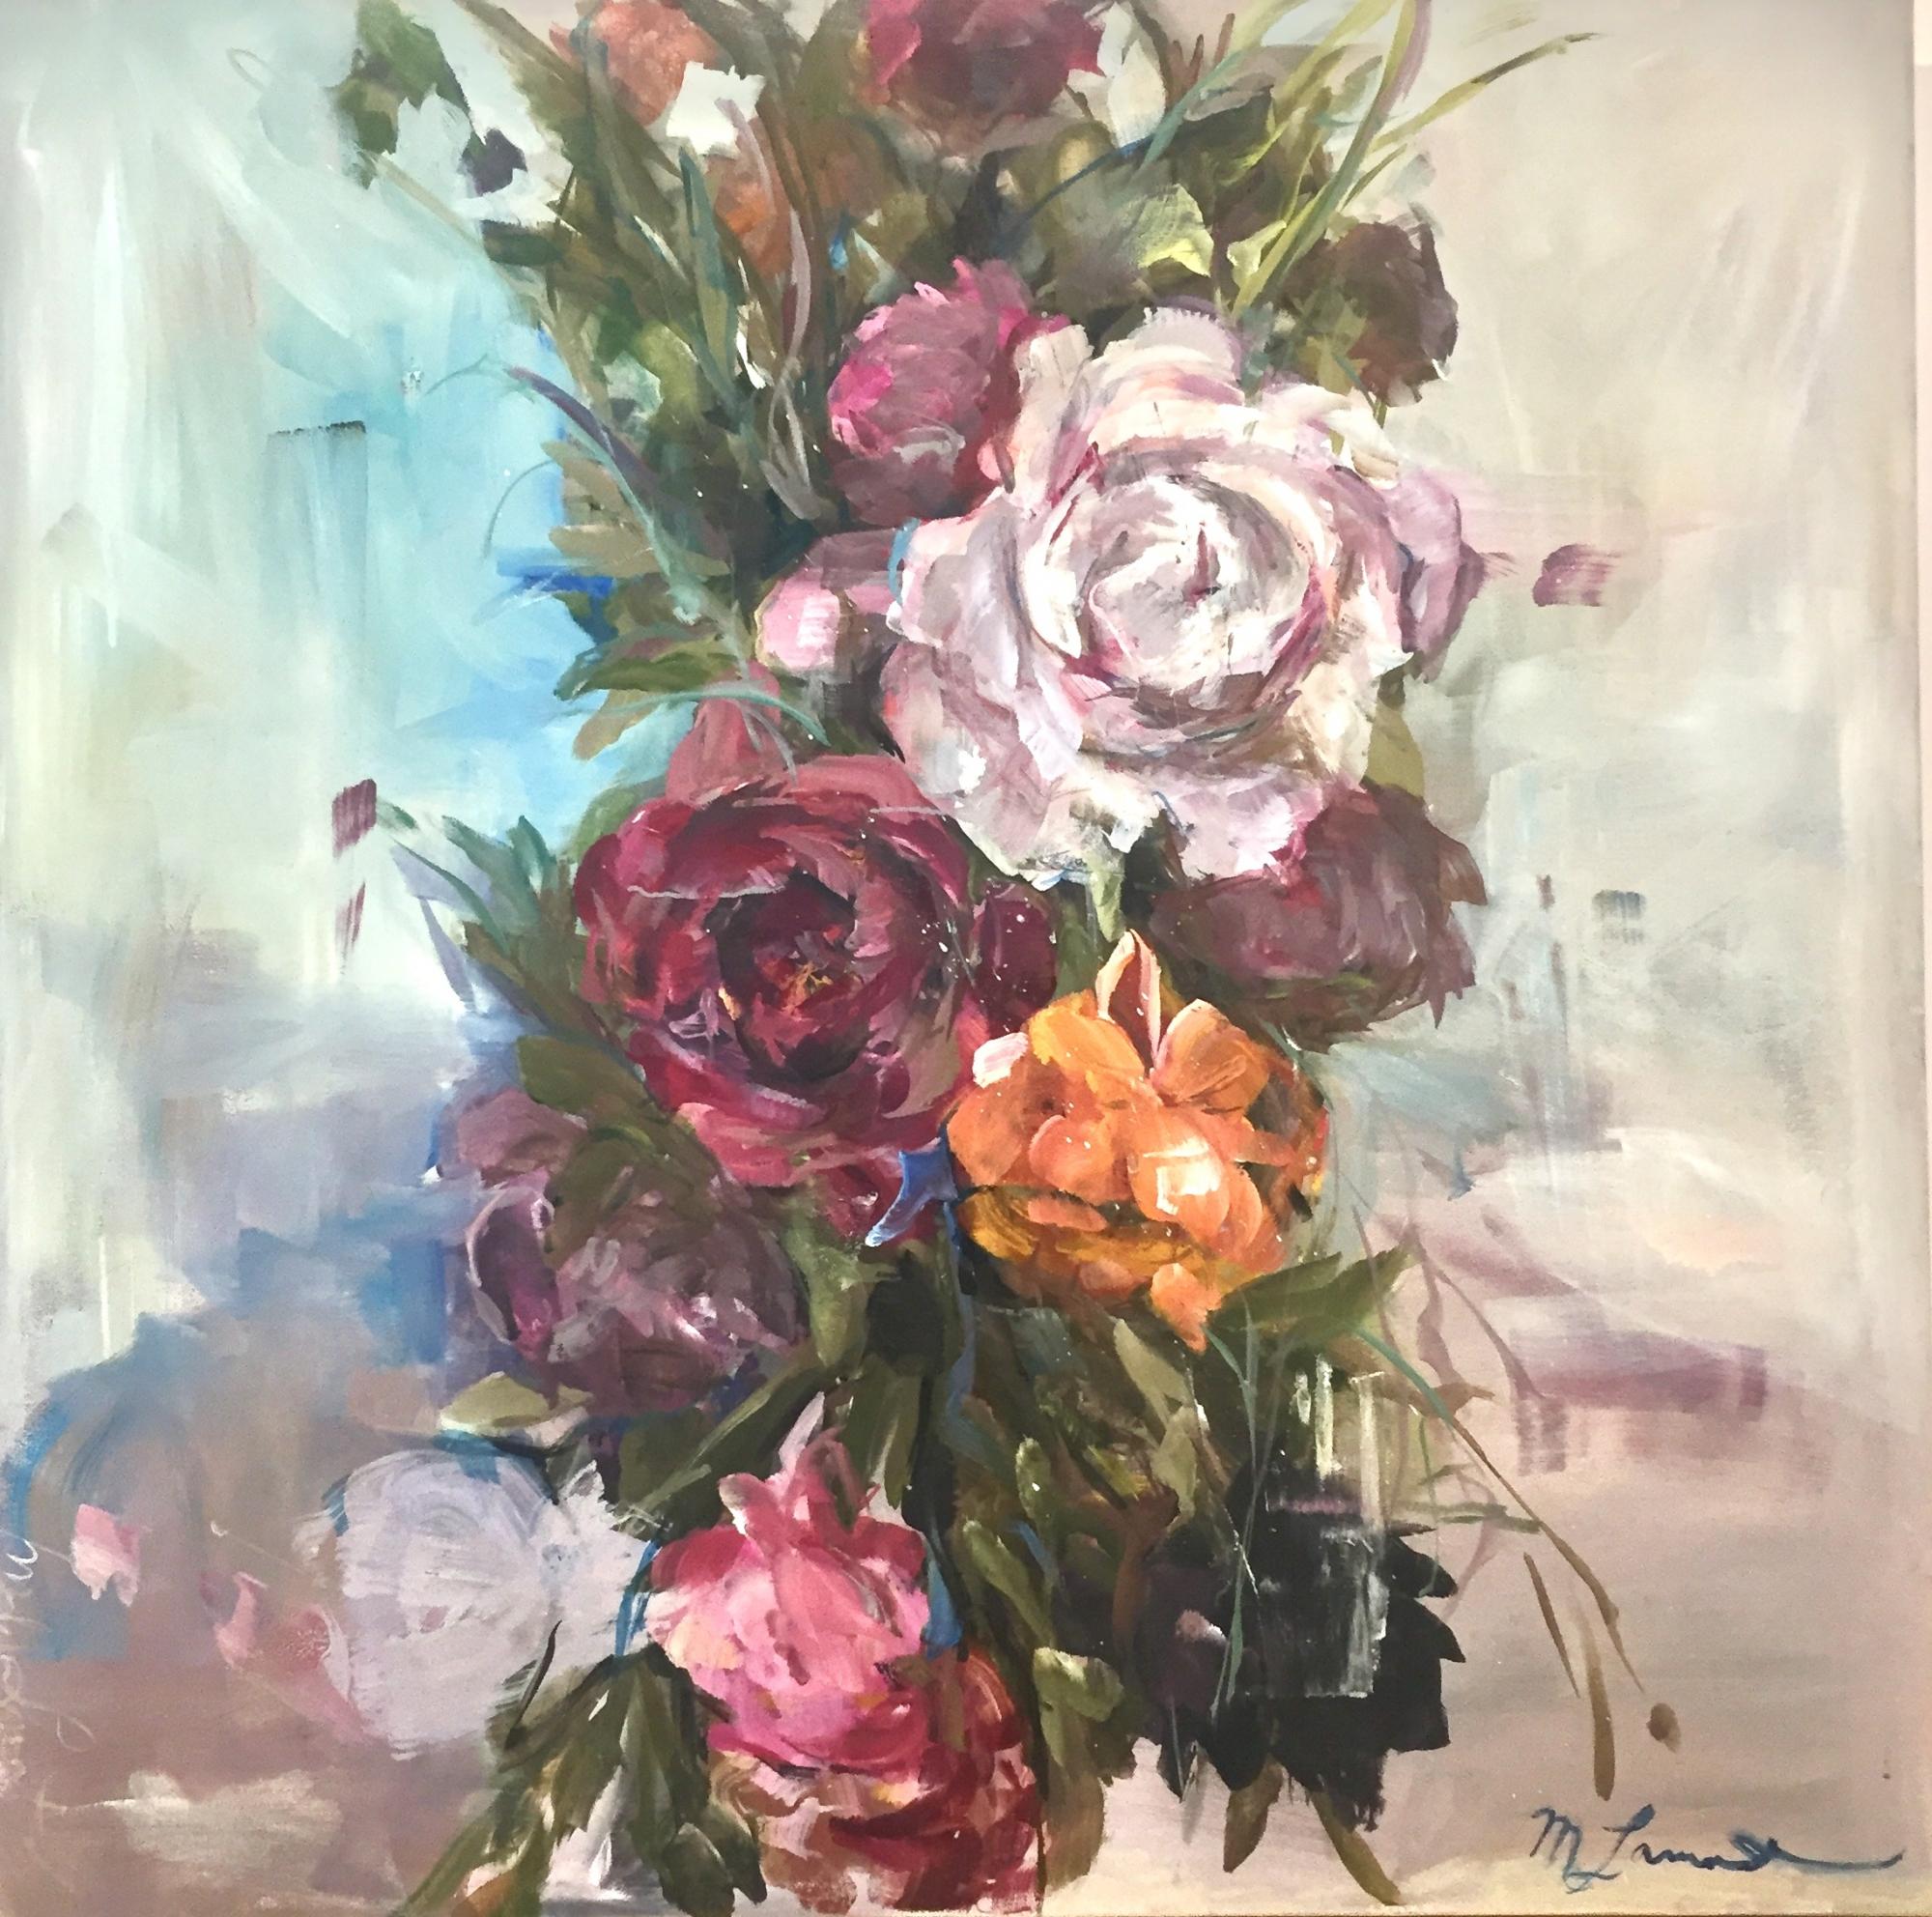 Grey Garland 2 by Madeleine Lamont